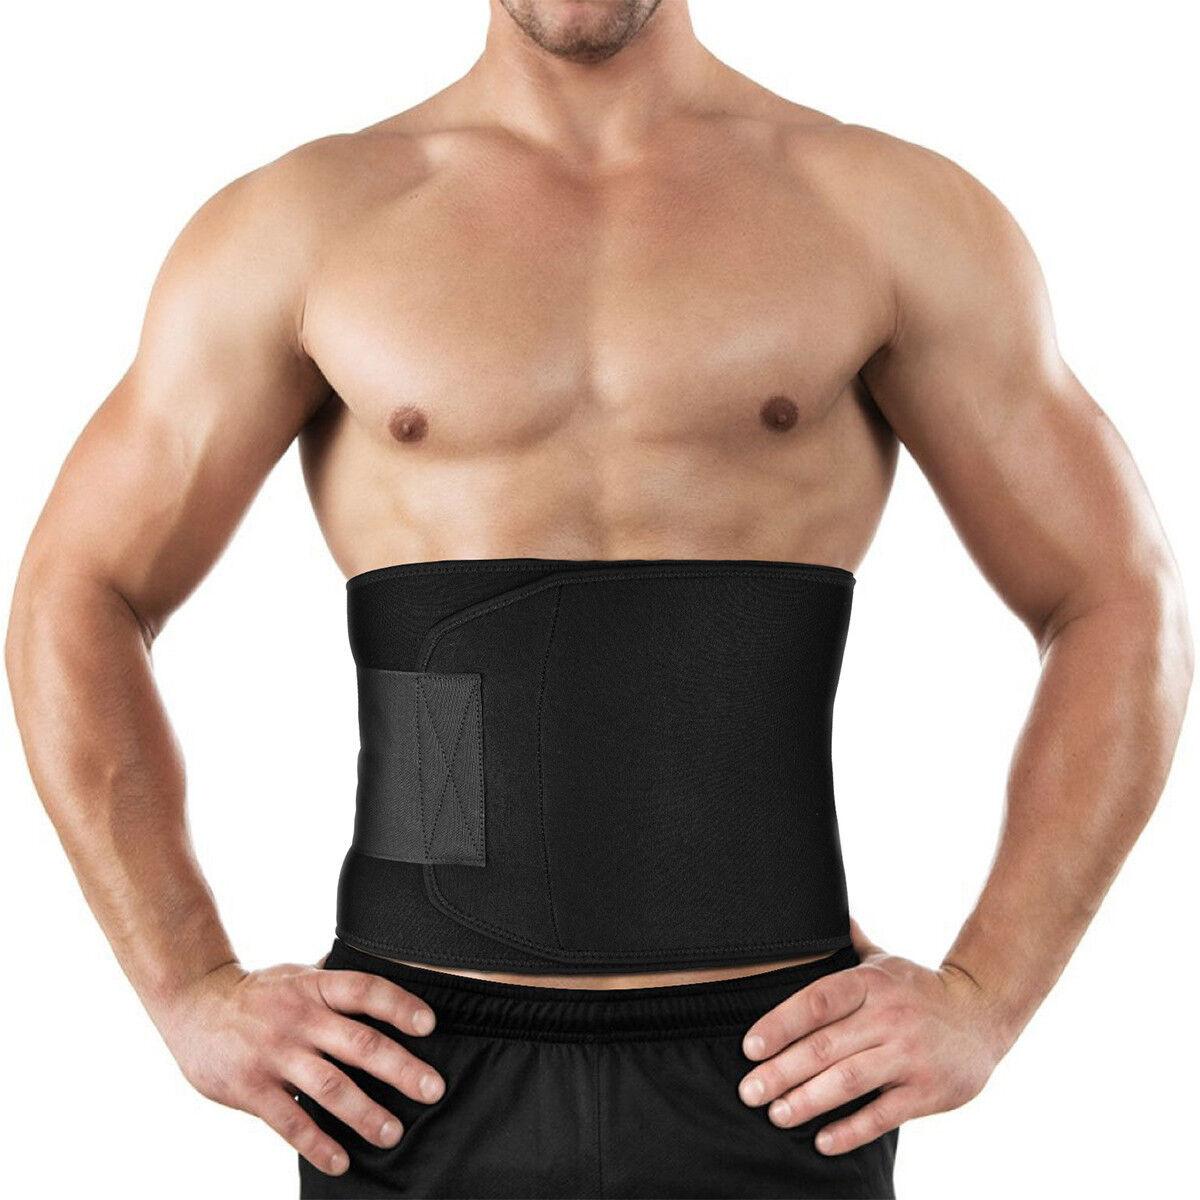 7b52a70d66 Adjustable Waist Trimmer Belt for Running Cardio Aerobics Waist Training  Walking